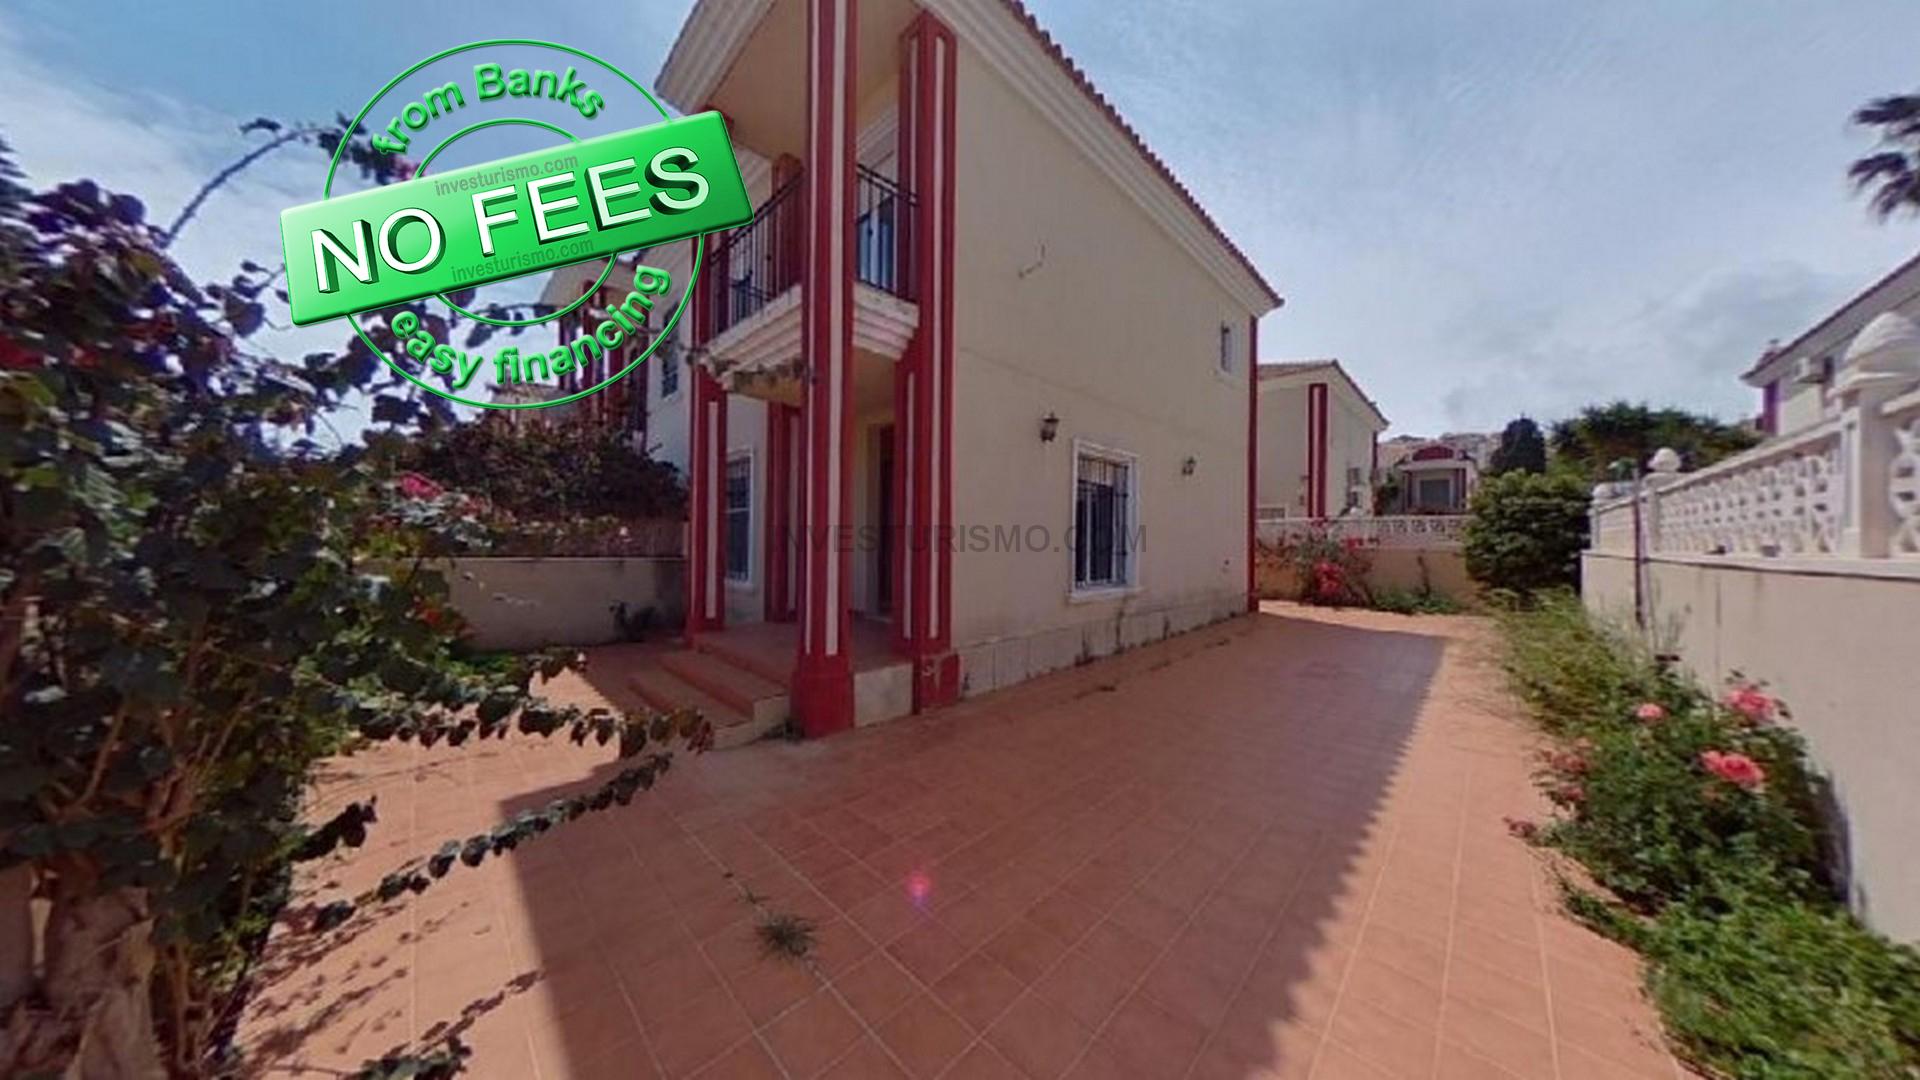 Chalet 1 bedrooms 1 bathrooms in Orihuela Costa